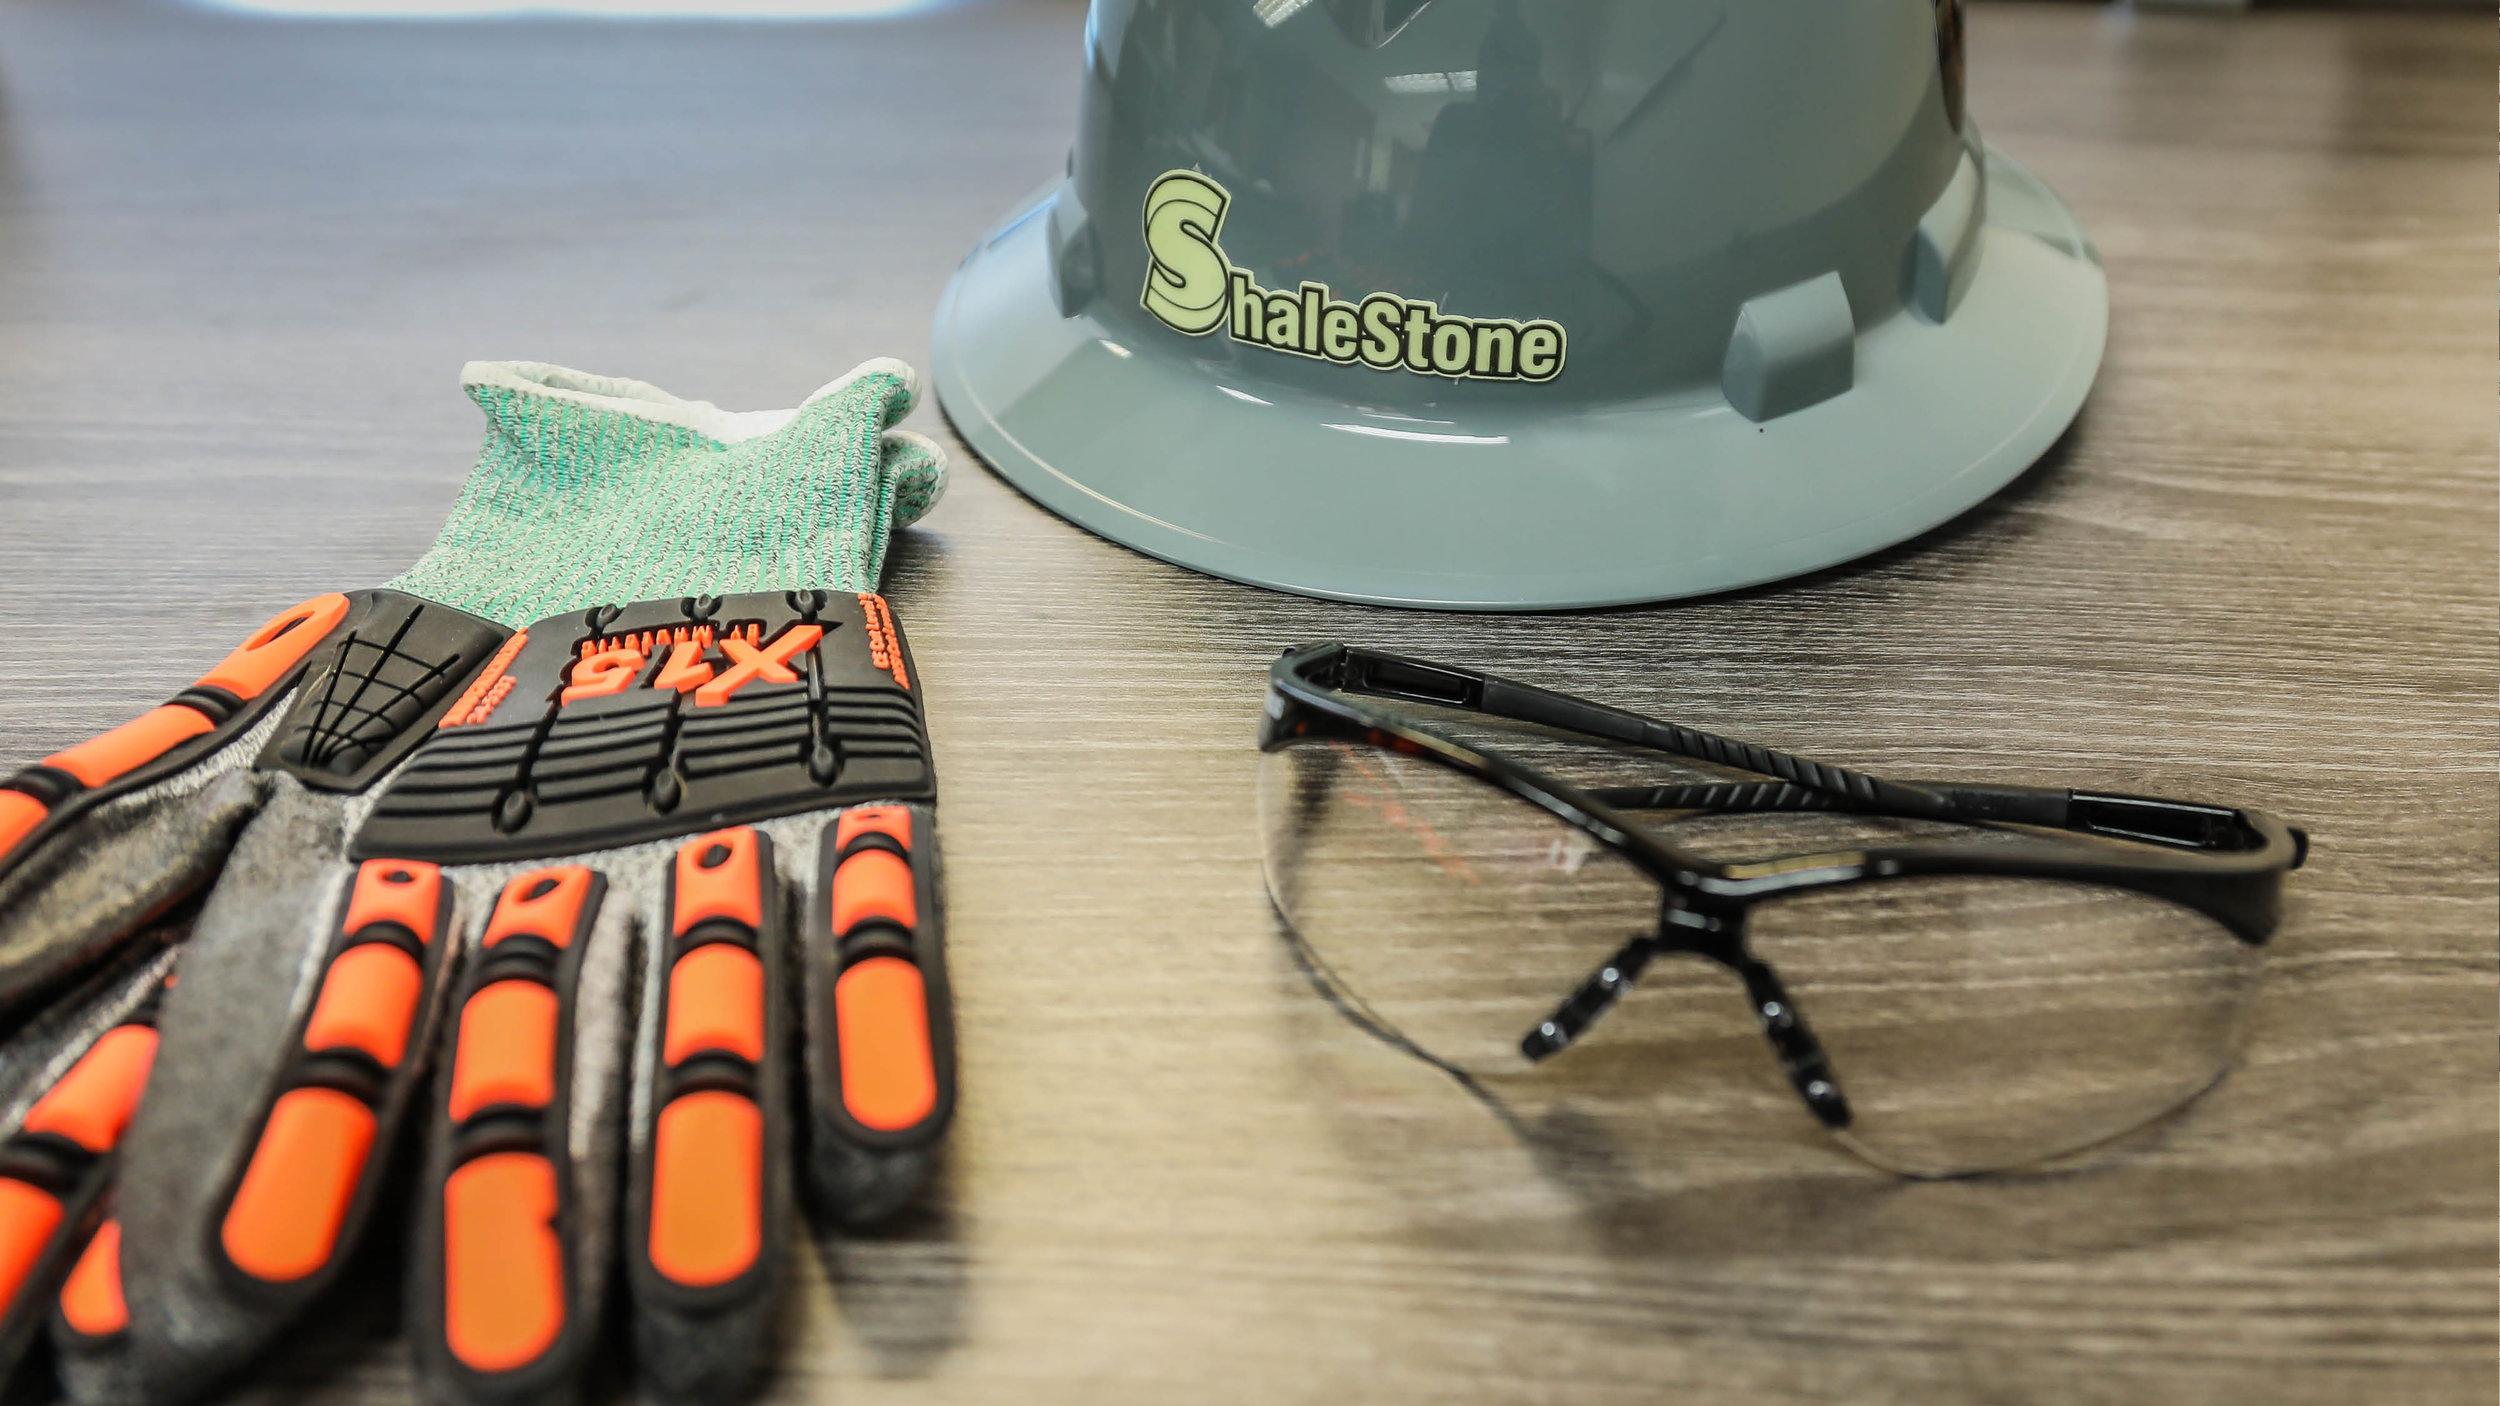 shalestone-soul-safety4.jpg